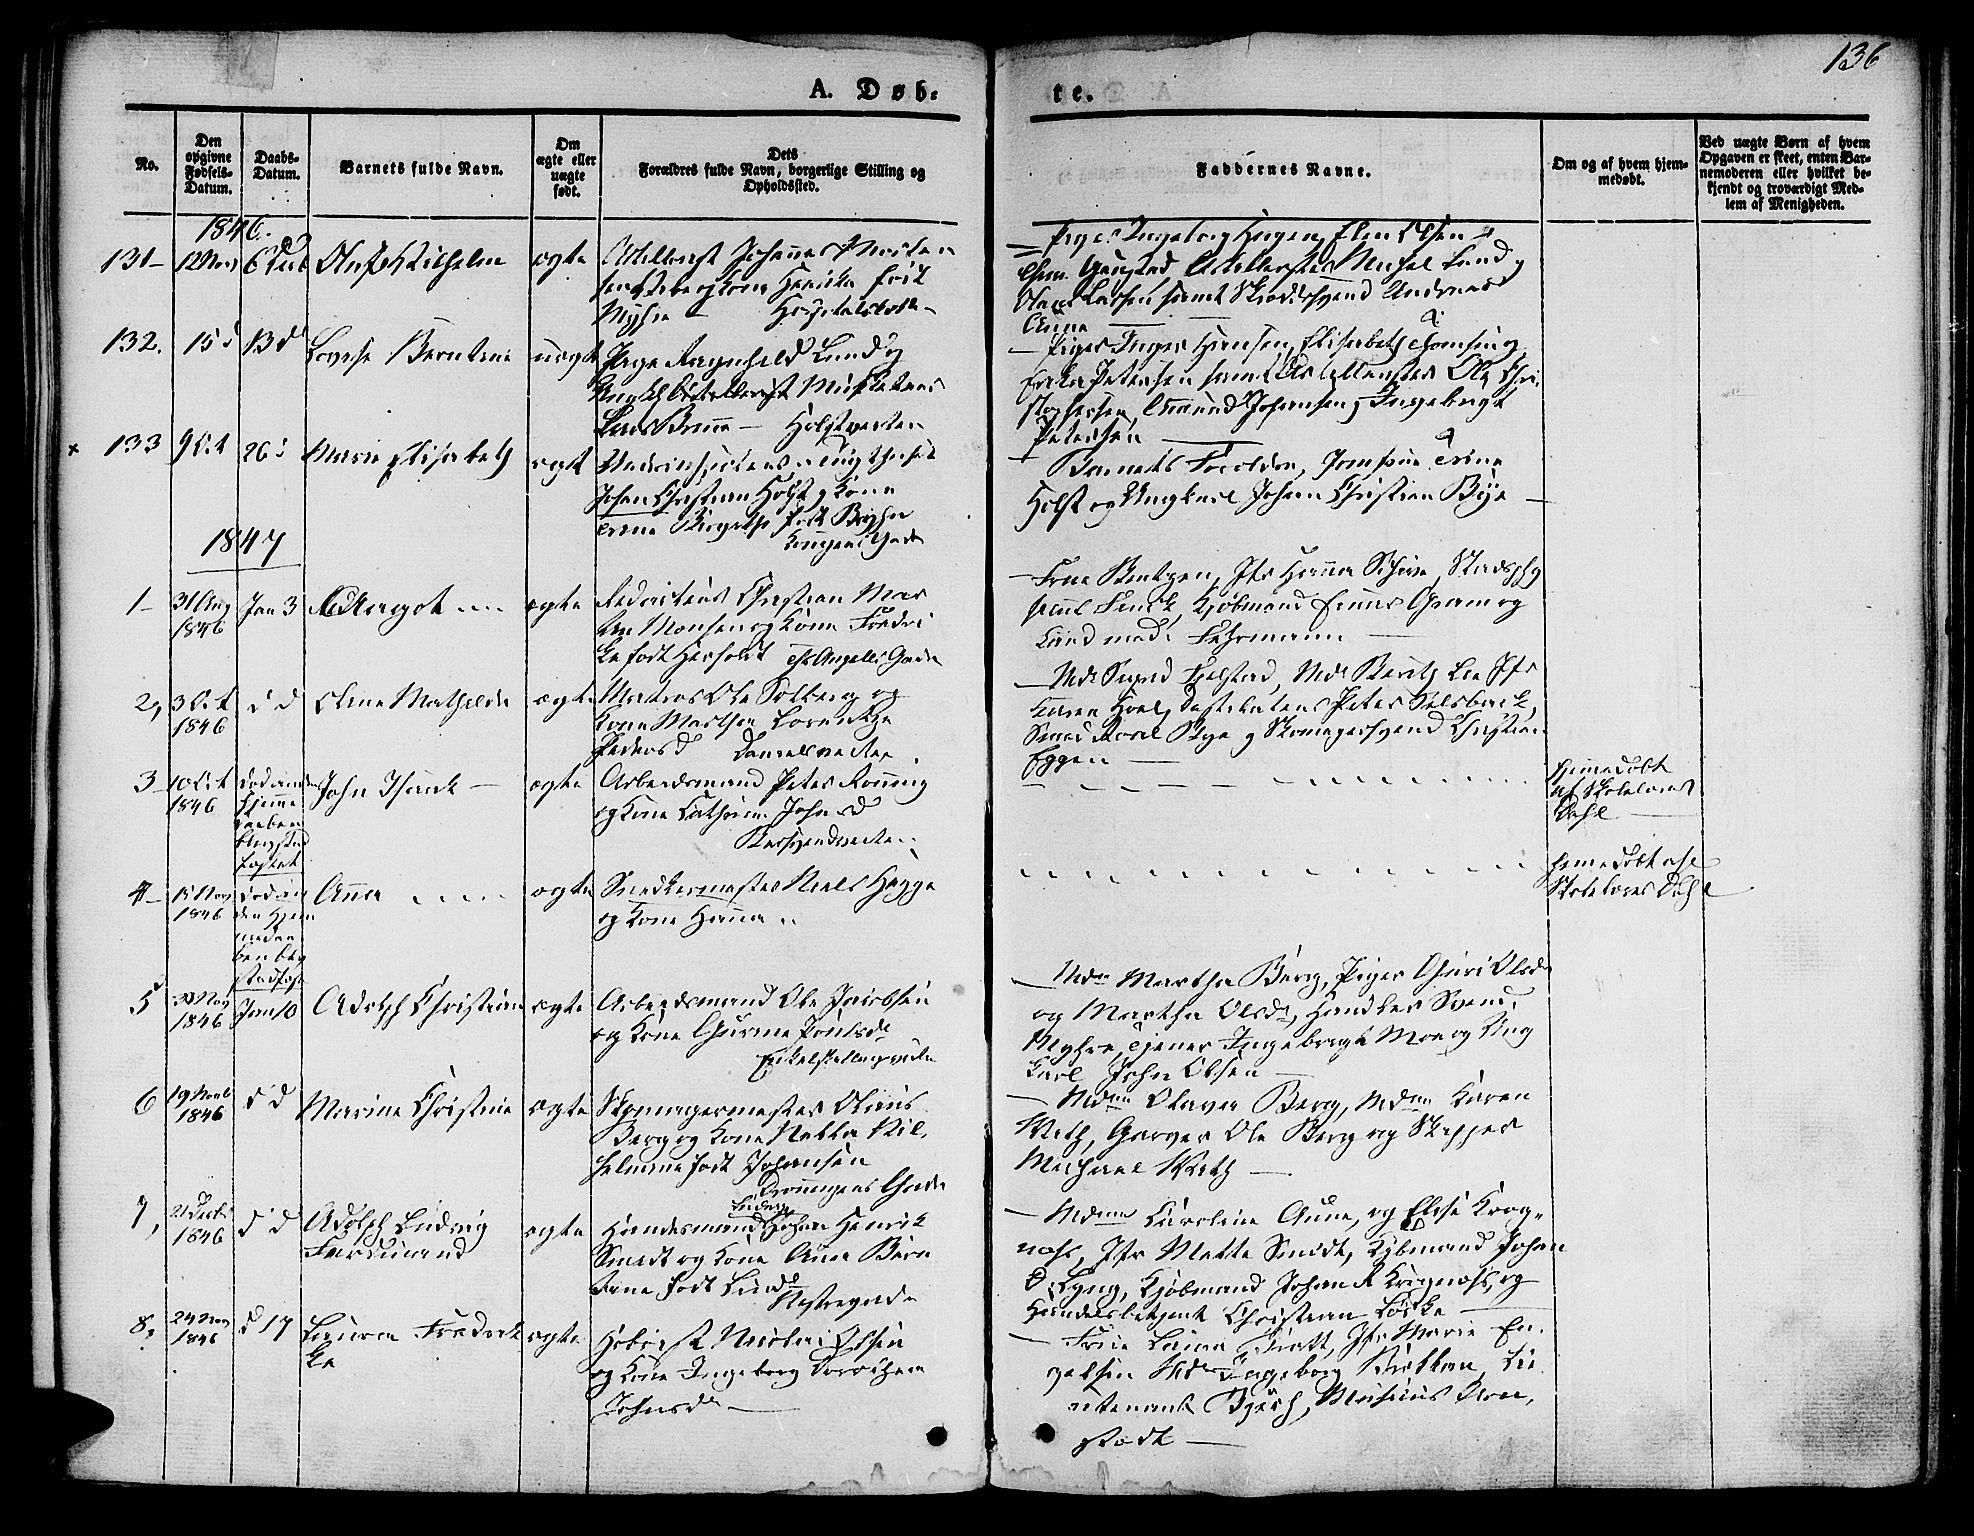 SAT, Ministerialprotokoller, klokkerbøker og fødselsregistre - Sør-Trøndelag, 601/L0048: Ministerialbok nr. 601A16, 1840-1847, s. 136